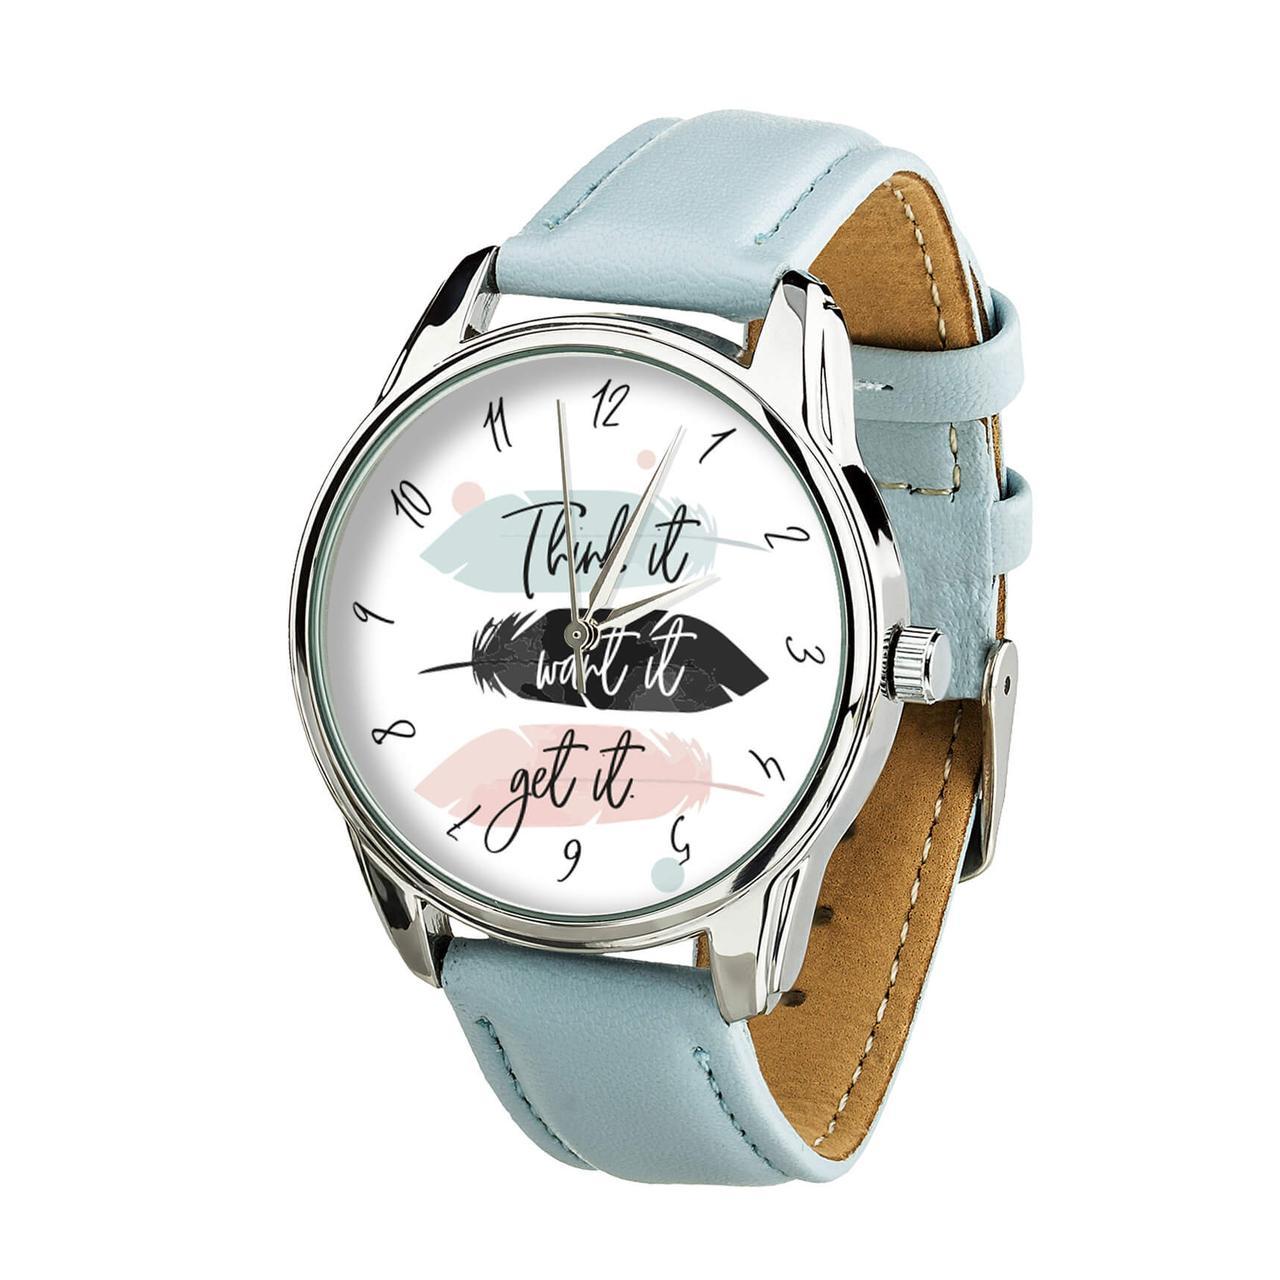 Часы ZIZ Думай Желай Получай (ремешок нежно - голубой, серебро) + дополнительный ремешок